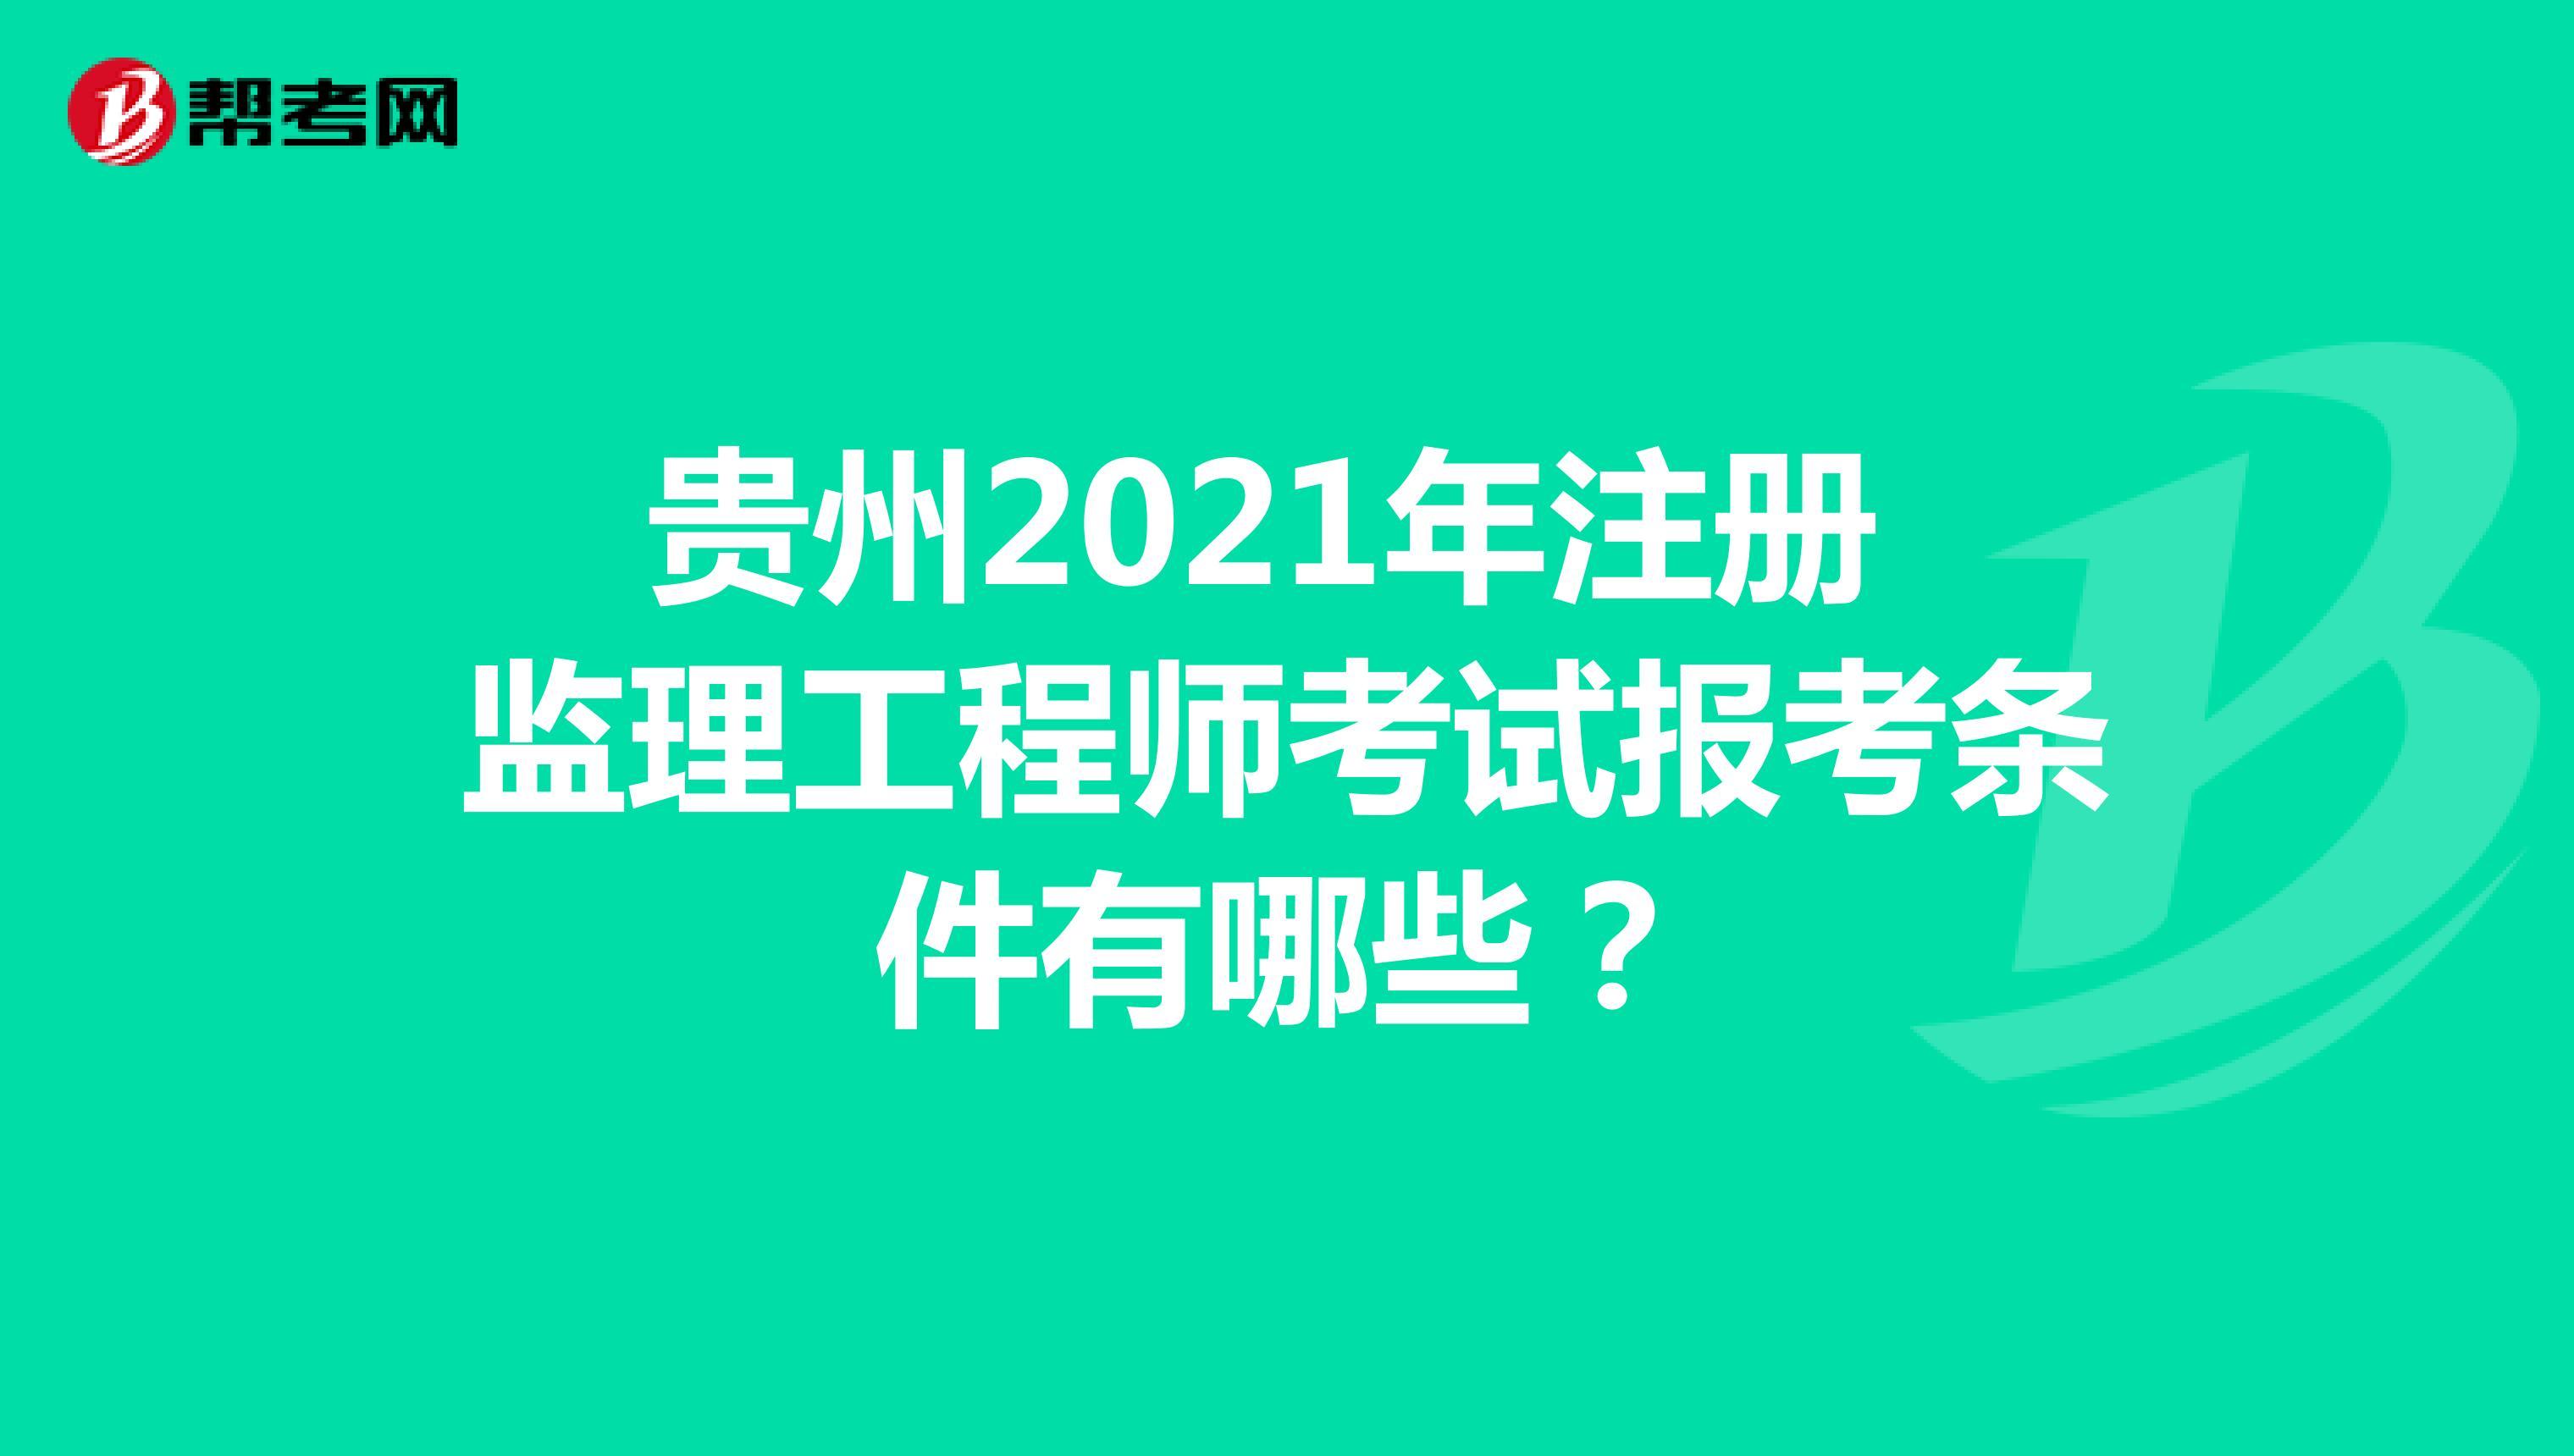 贵州2021年注册监理工程师考试报考条件有哪些?